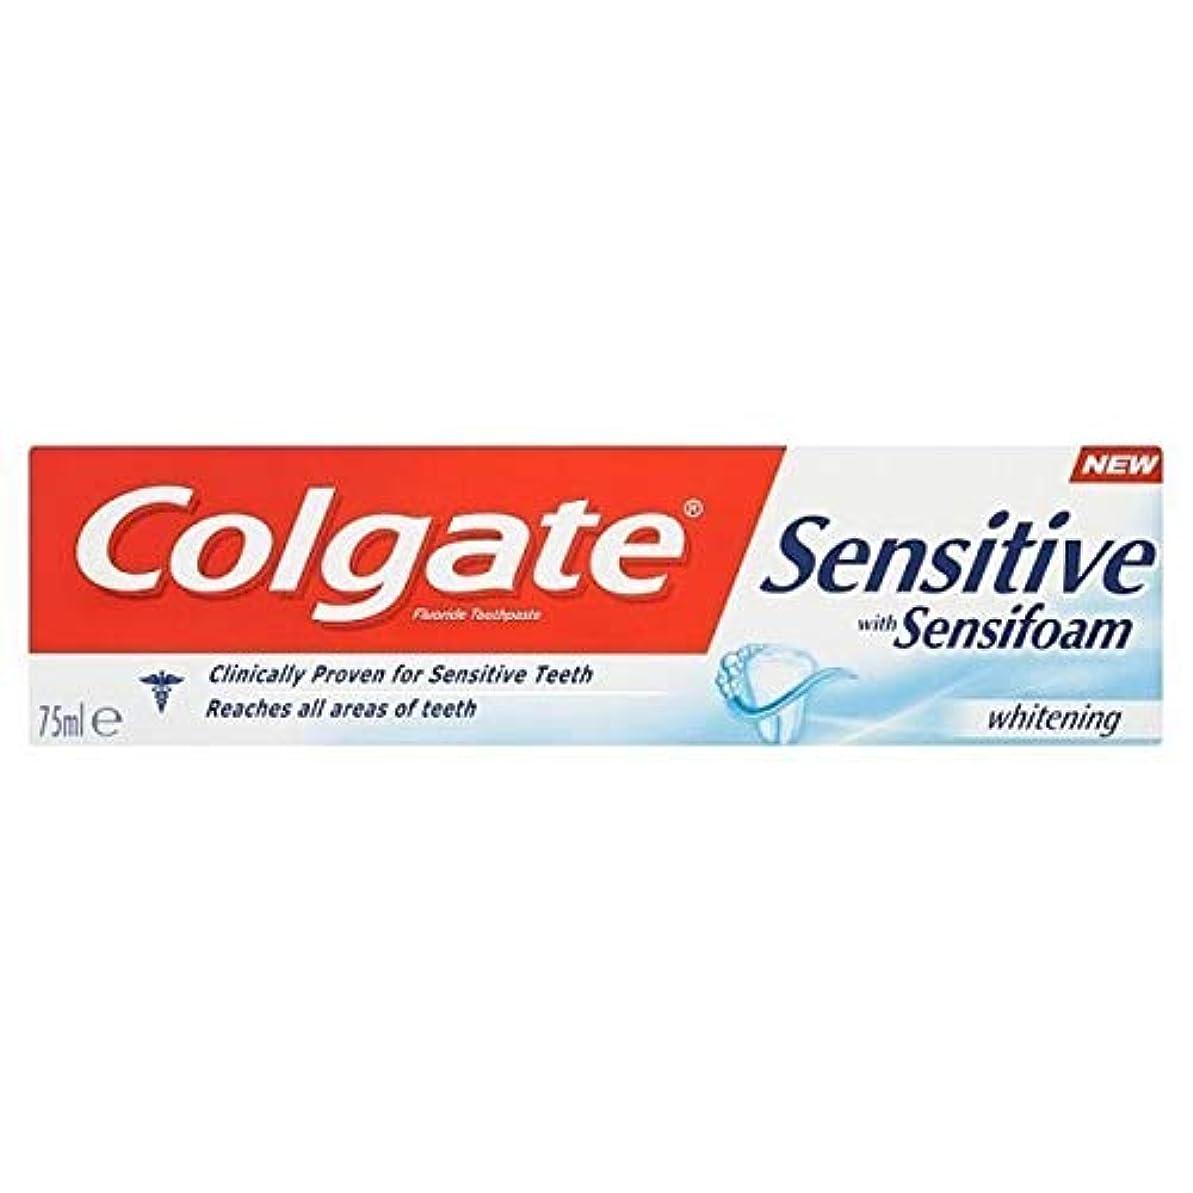 仮定偶然の実験的[Colgate ] Sensifoamホワイトニング歯磨き粉75ミリリットルと敏感コルゲート - Colgate Sensitive with Sensifoam Whitening Toothpaste 75ml [...